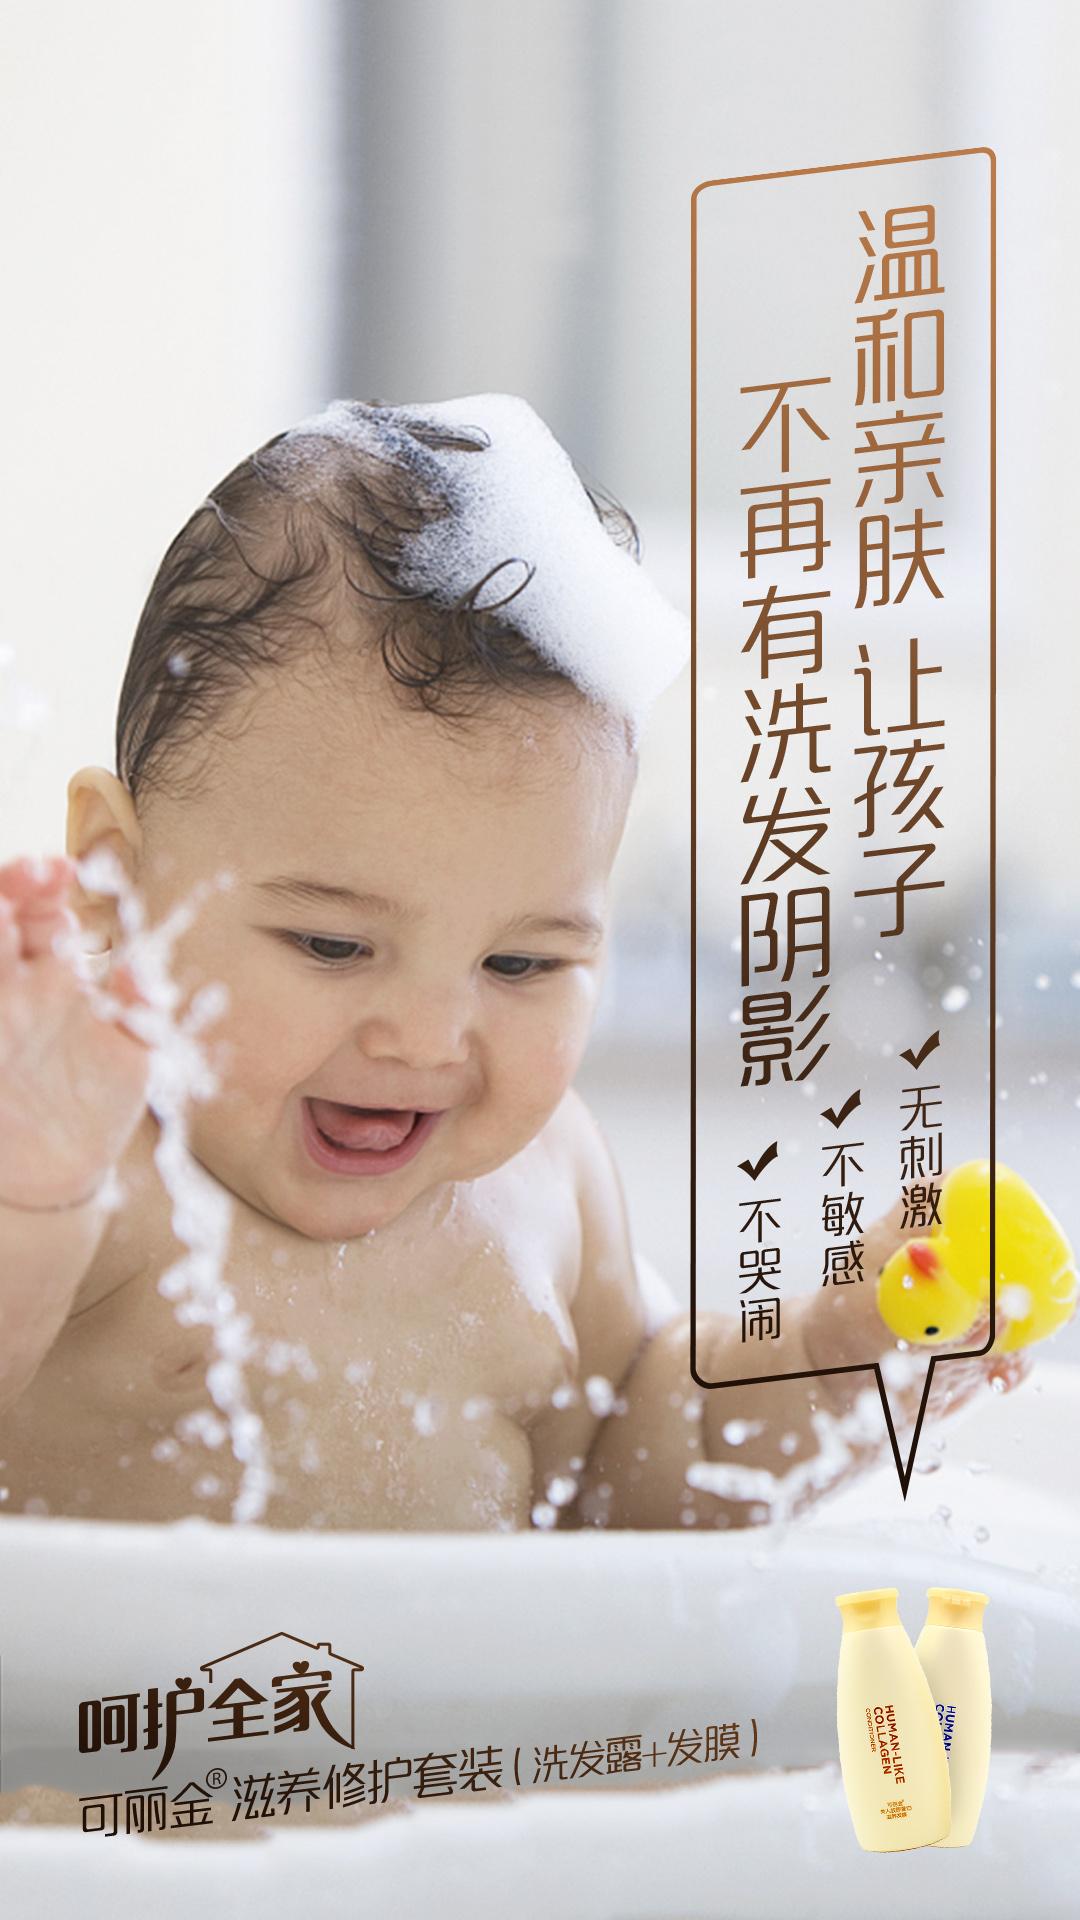 【家庭成员护发方案】 今天帮你解决孩子不愿意洗头发的问题。 7月25日,陪宝宝一起玩泡泡吧~